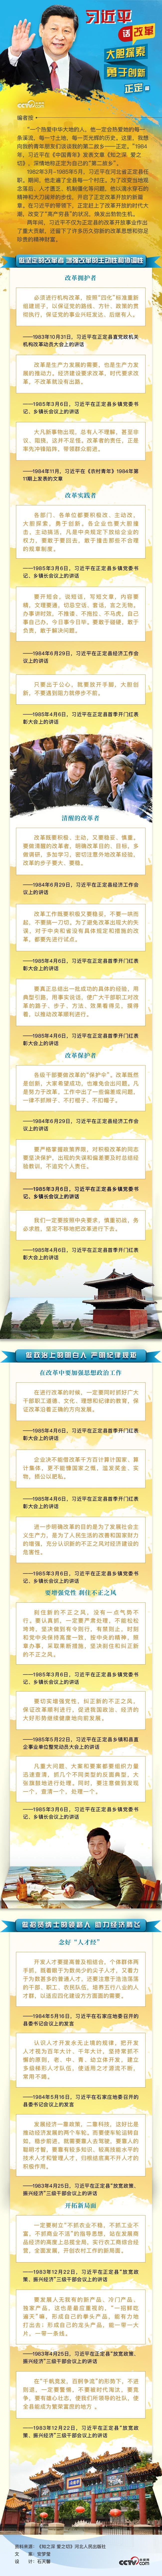 张德江话改革:大胆探索 勇于创新